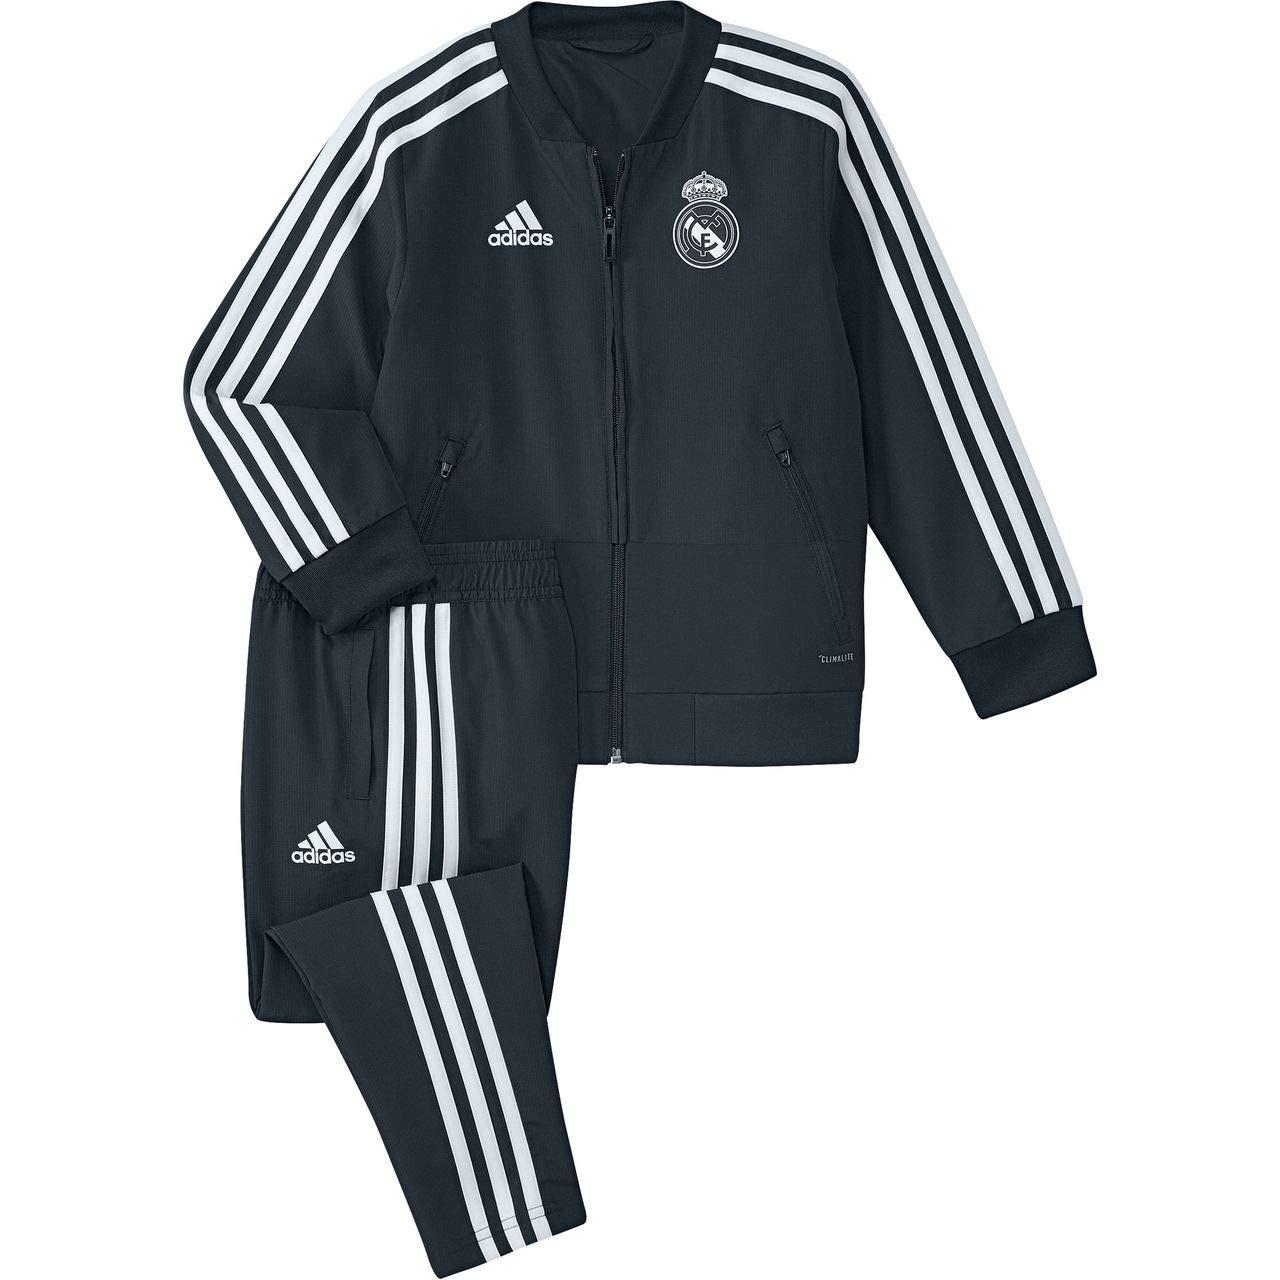 ZuanShiDaHeng Tenue dentra/înement de Football Costume /à Manches Longues Apparence Suit Costume dentra/înement de comp/étition d/équipe @ 1/_XL